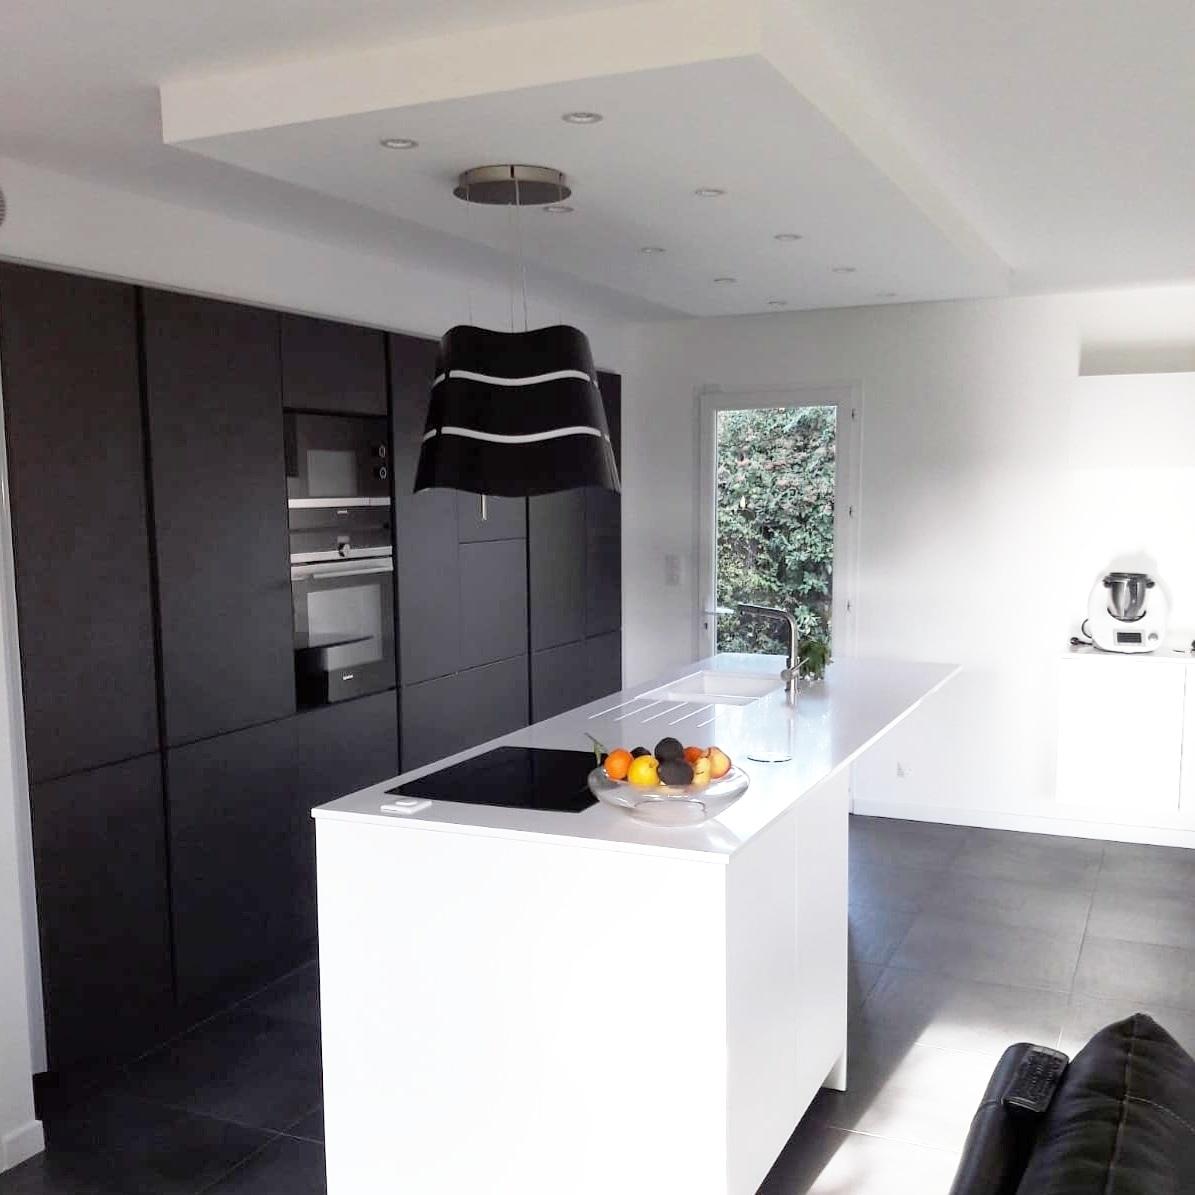 Cuisine noir mate ouverte avec îlot blanc réalisée par Cuisine Intérieur Design Toulouse